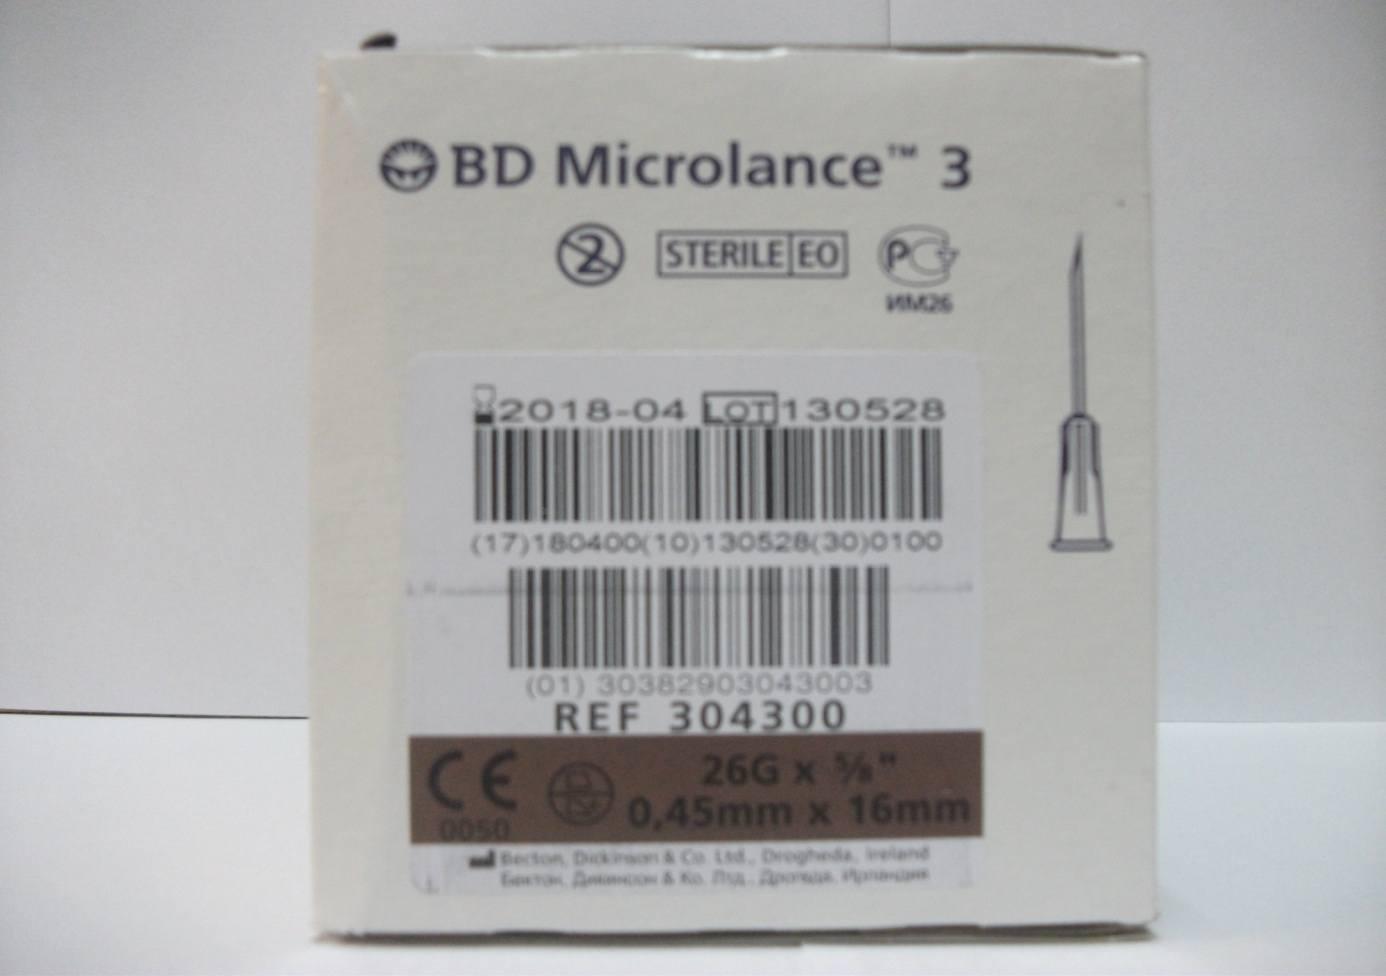 ACE 0,45mm X 16 mm